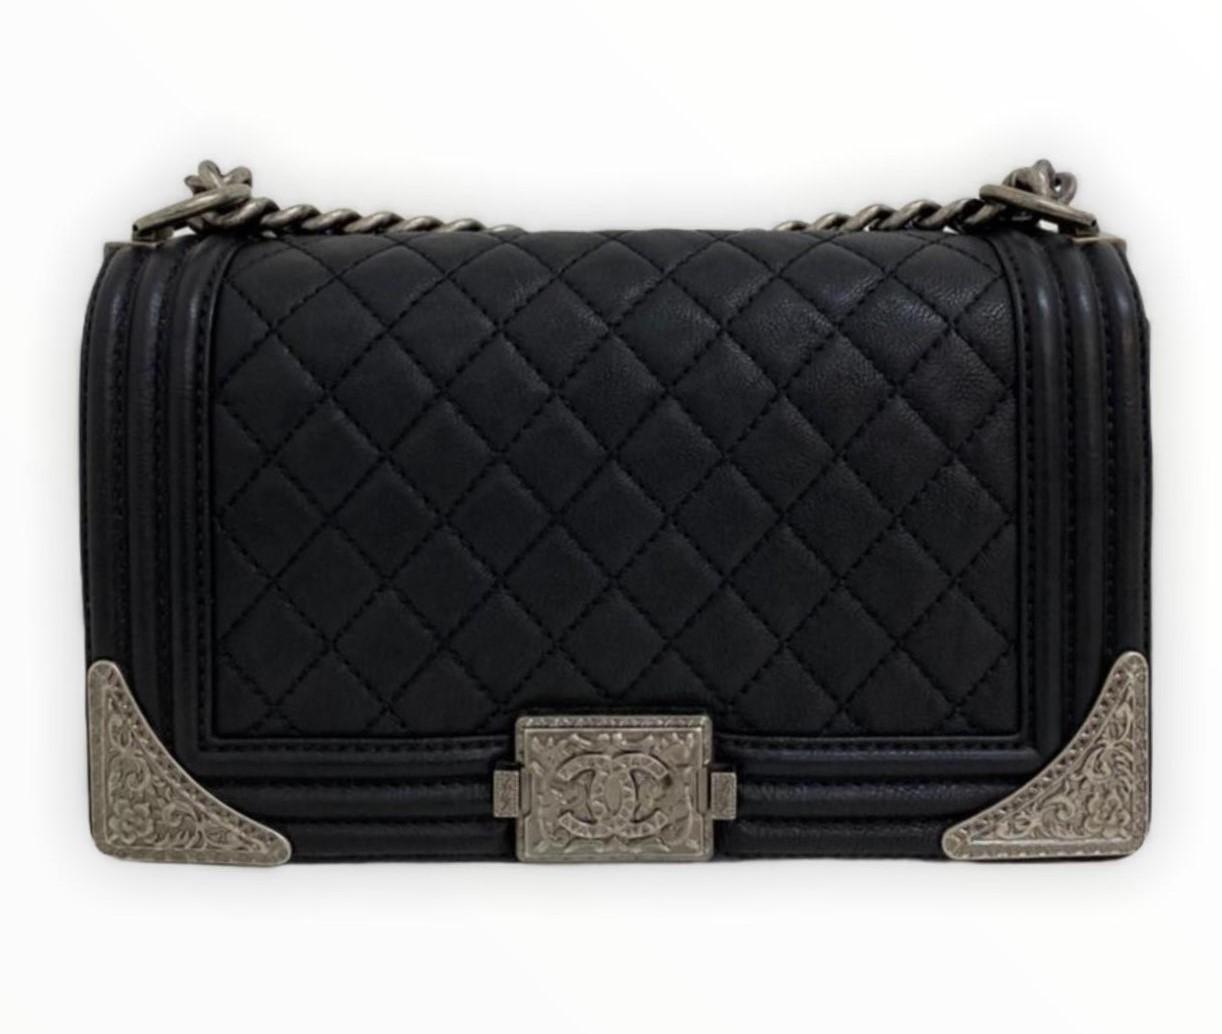 Bolsa Chanel Boy Special Edition